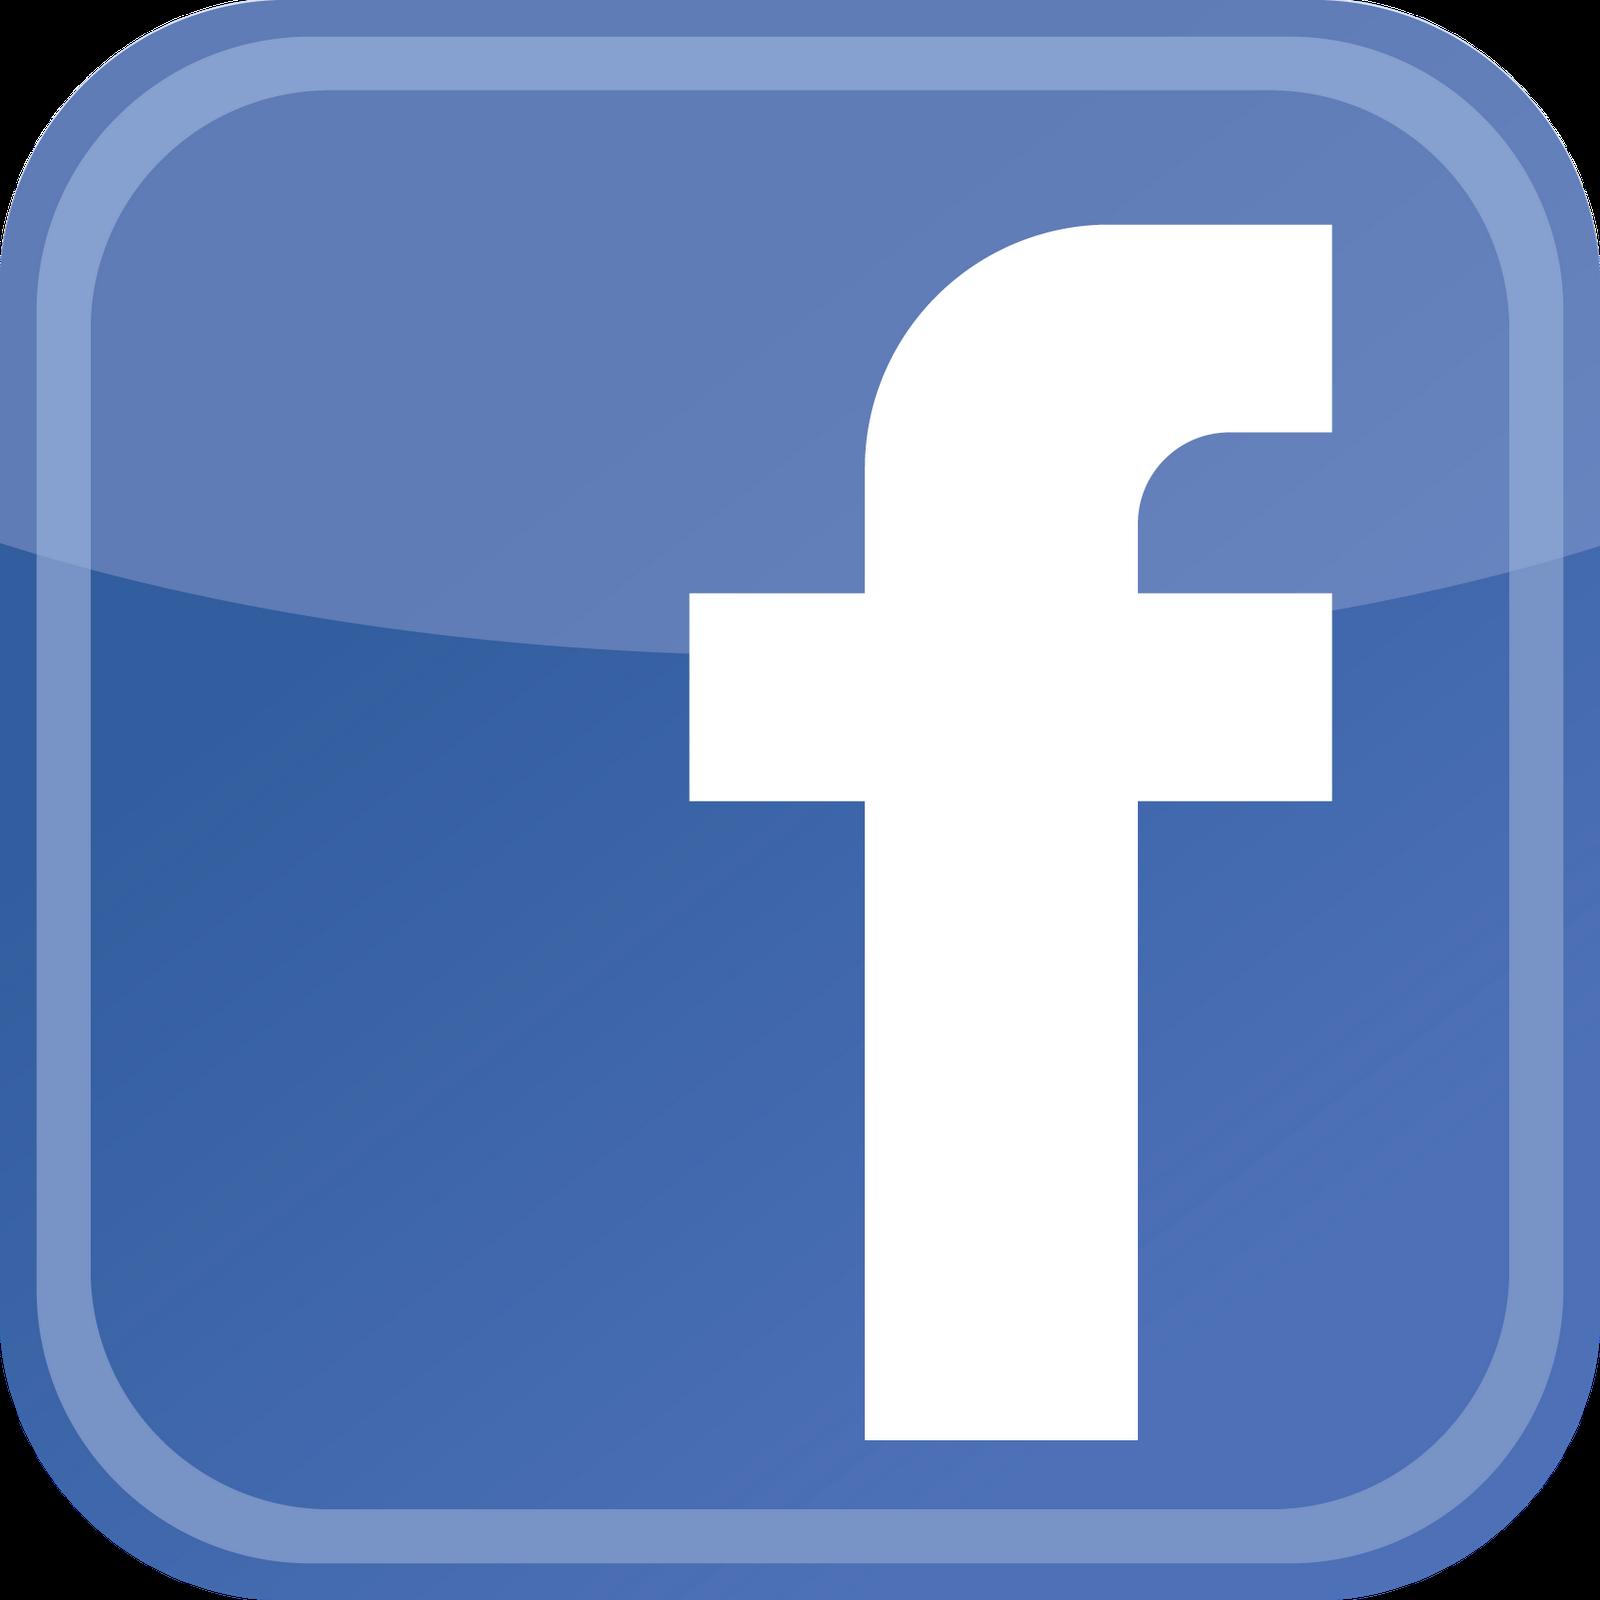 Facebook Places / Orte auf iPhone, iPad, iPod touch in Deutschland nutzen